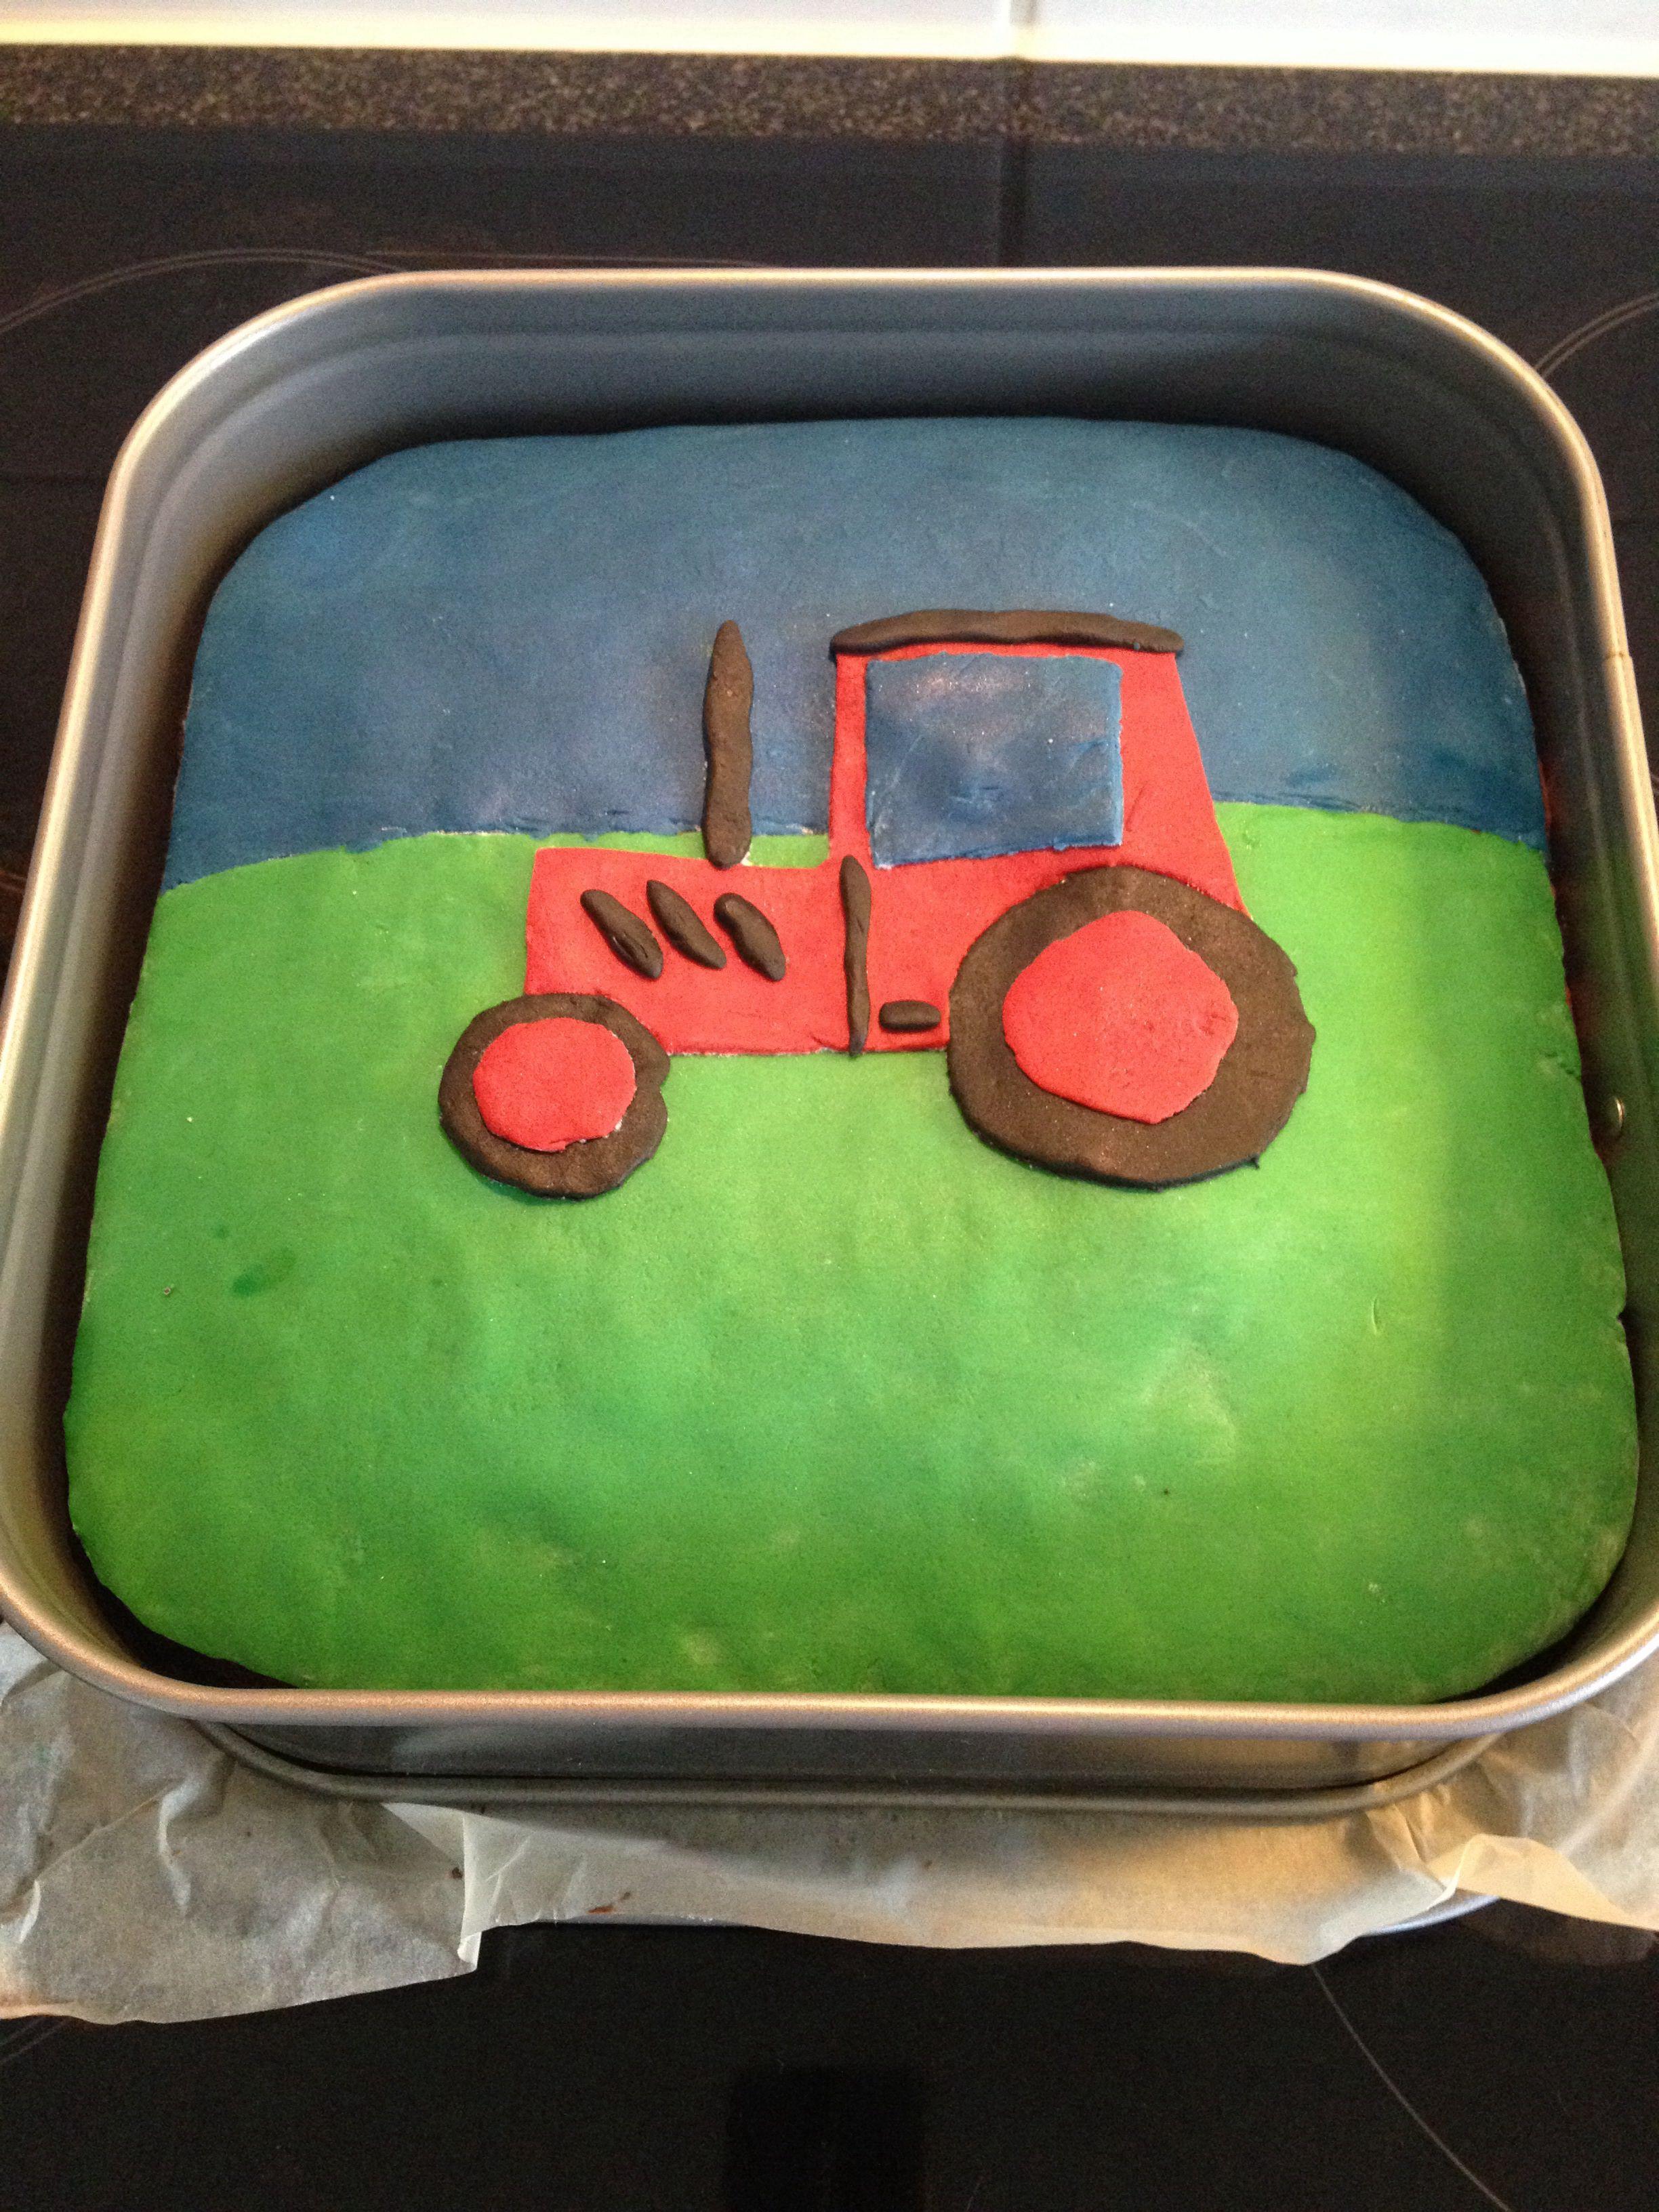 Geburtstags Kuchen Mit Traktor Motiv Kindergeburtstag Birthday Cake Kindergeburtstag Traktor Kuchen Geburtstag Kuchen